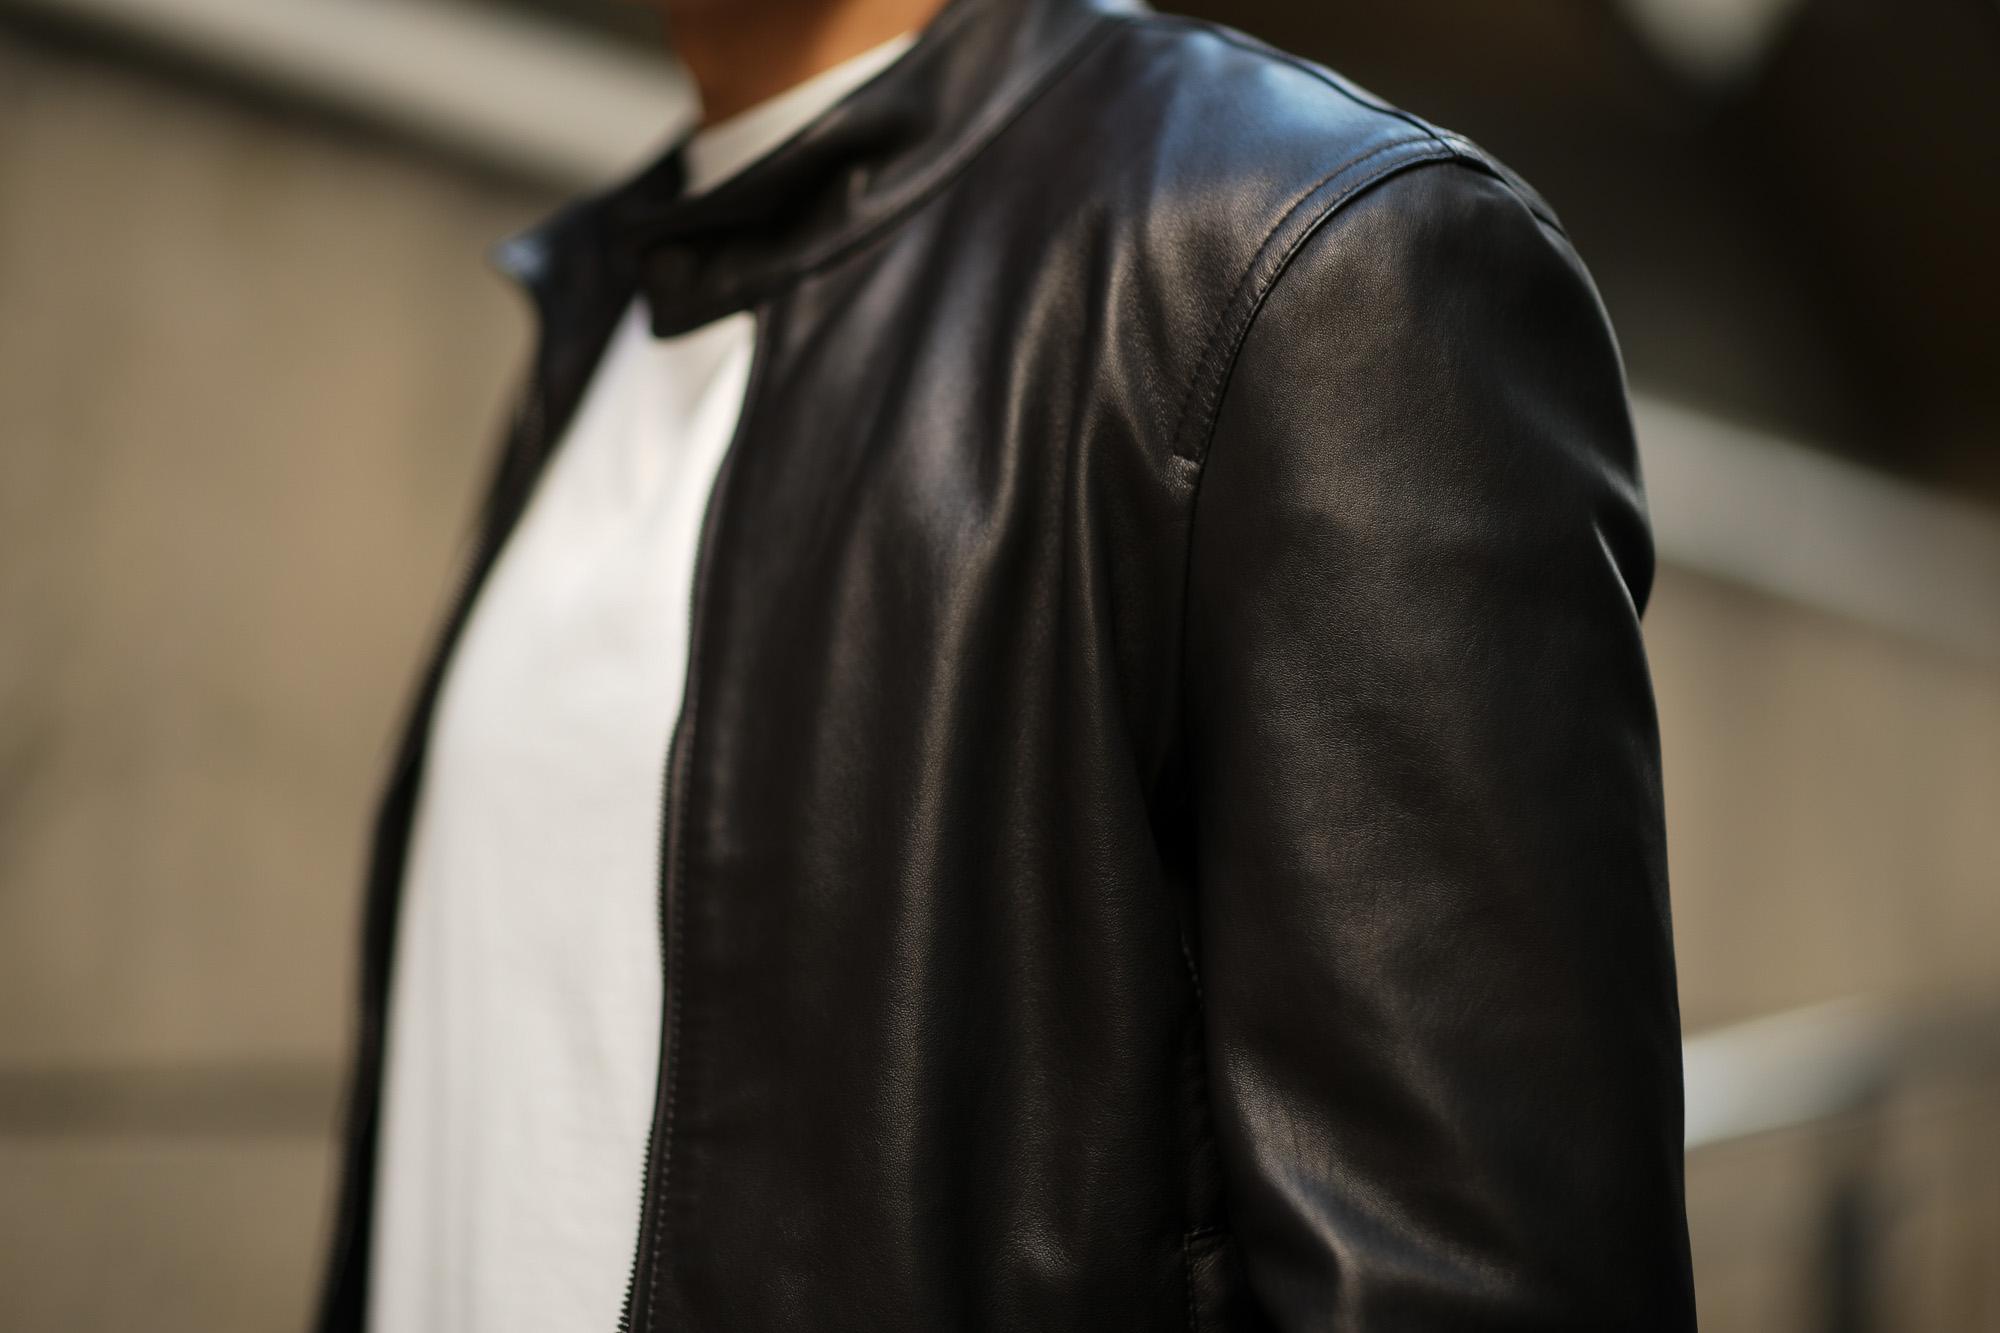 EMMETI(エンメティ) JURI(ユリ) Lambskin nappa Leather シングルライダース レザージャケット NERO (ブラック) made in italy (イタリア製) 2019 春夏新作 愛知 alto e diritto アルトエデリット altoediritto 干場さん 干場着 ユーリ